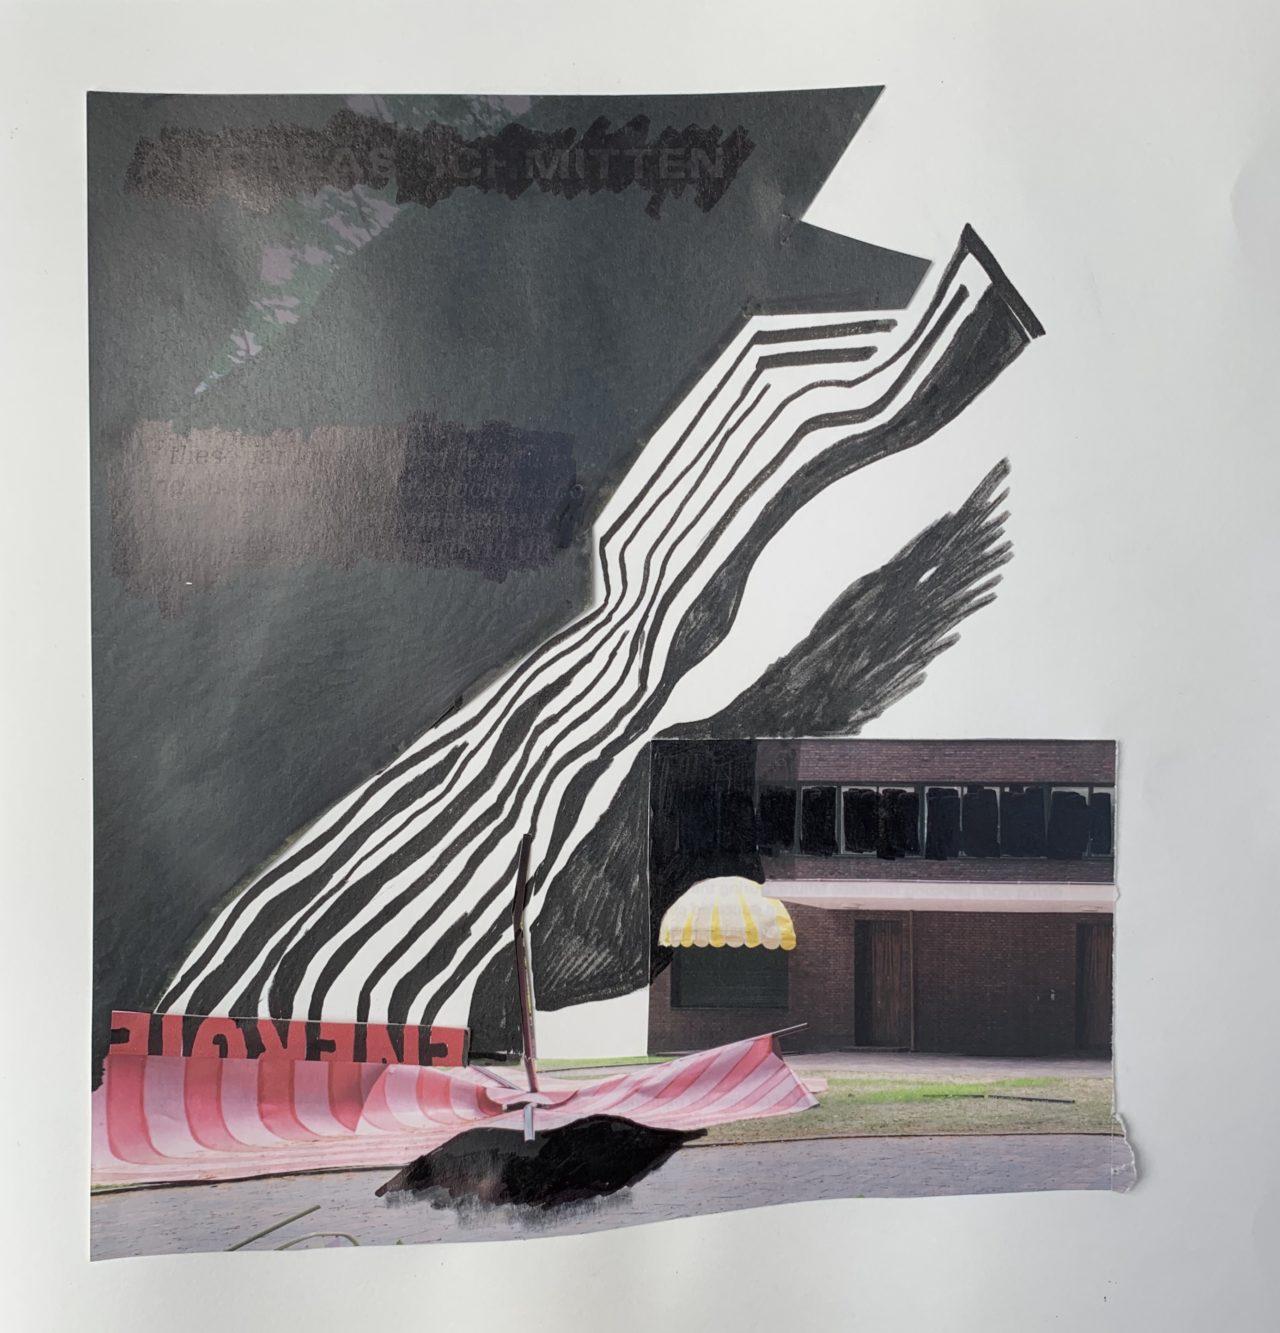 o.T. # 33, 29 x 29 cm, Papier und Marker auf Papier